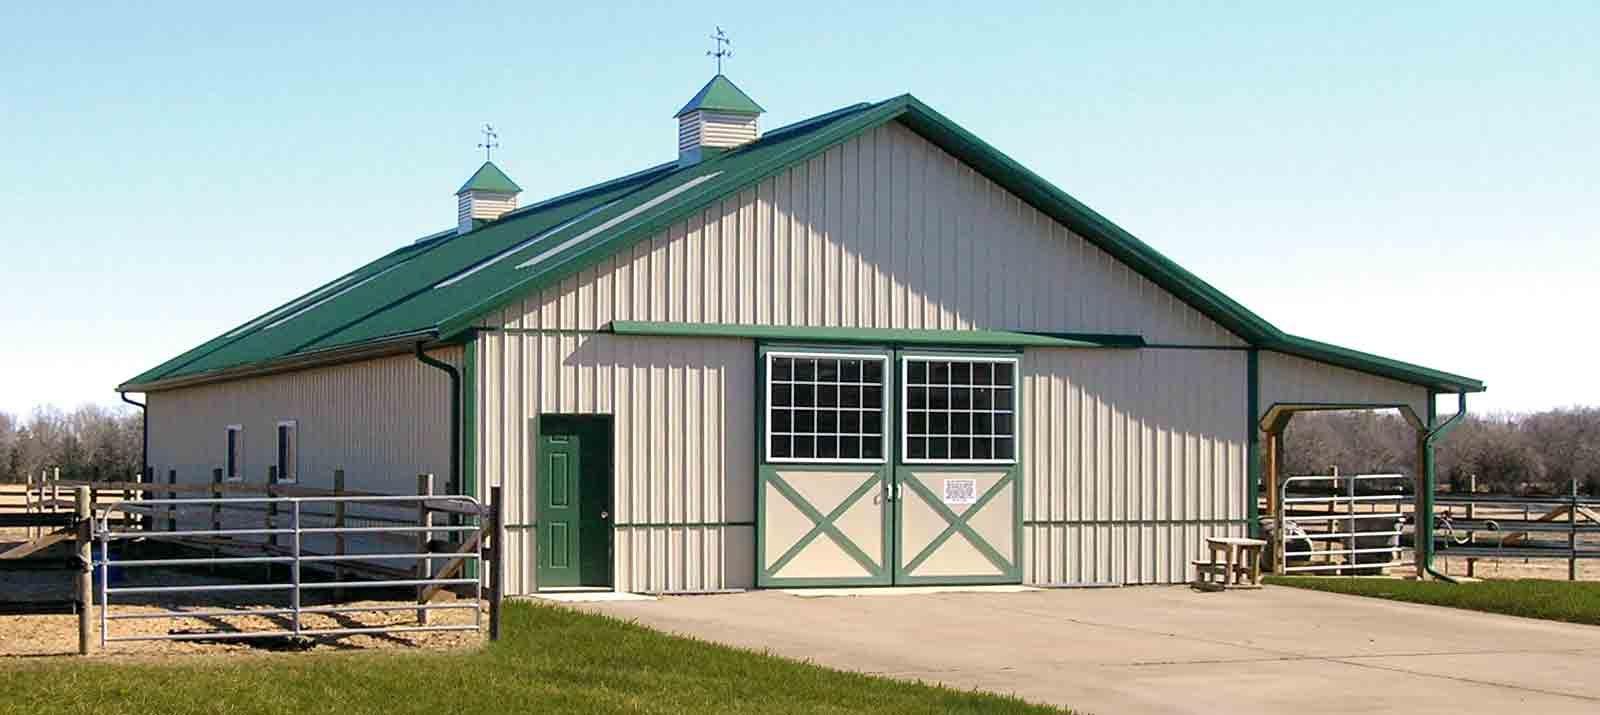 cb-slider-ag-barns-2